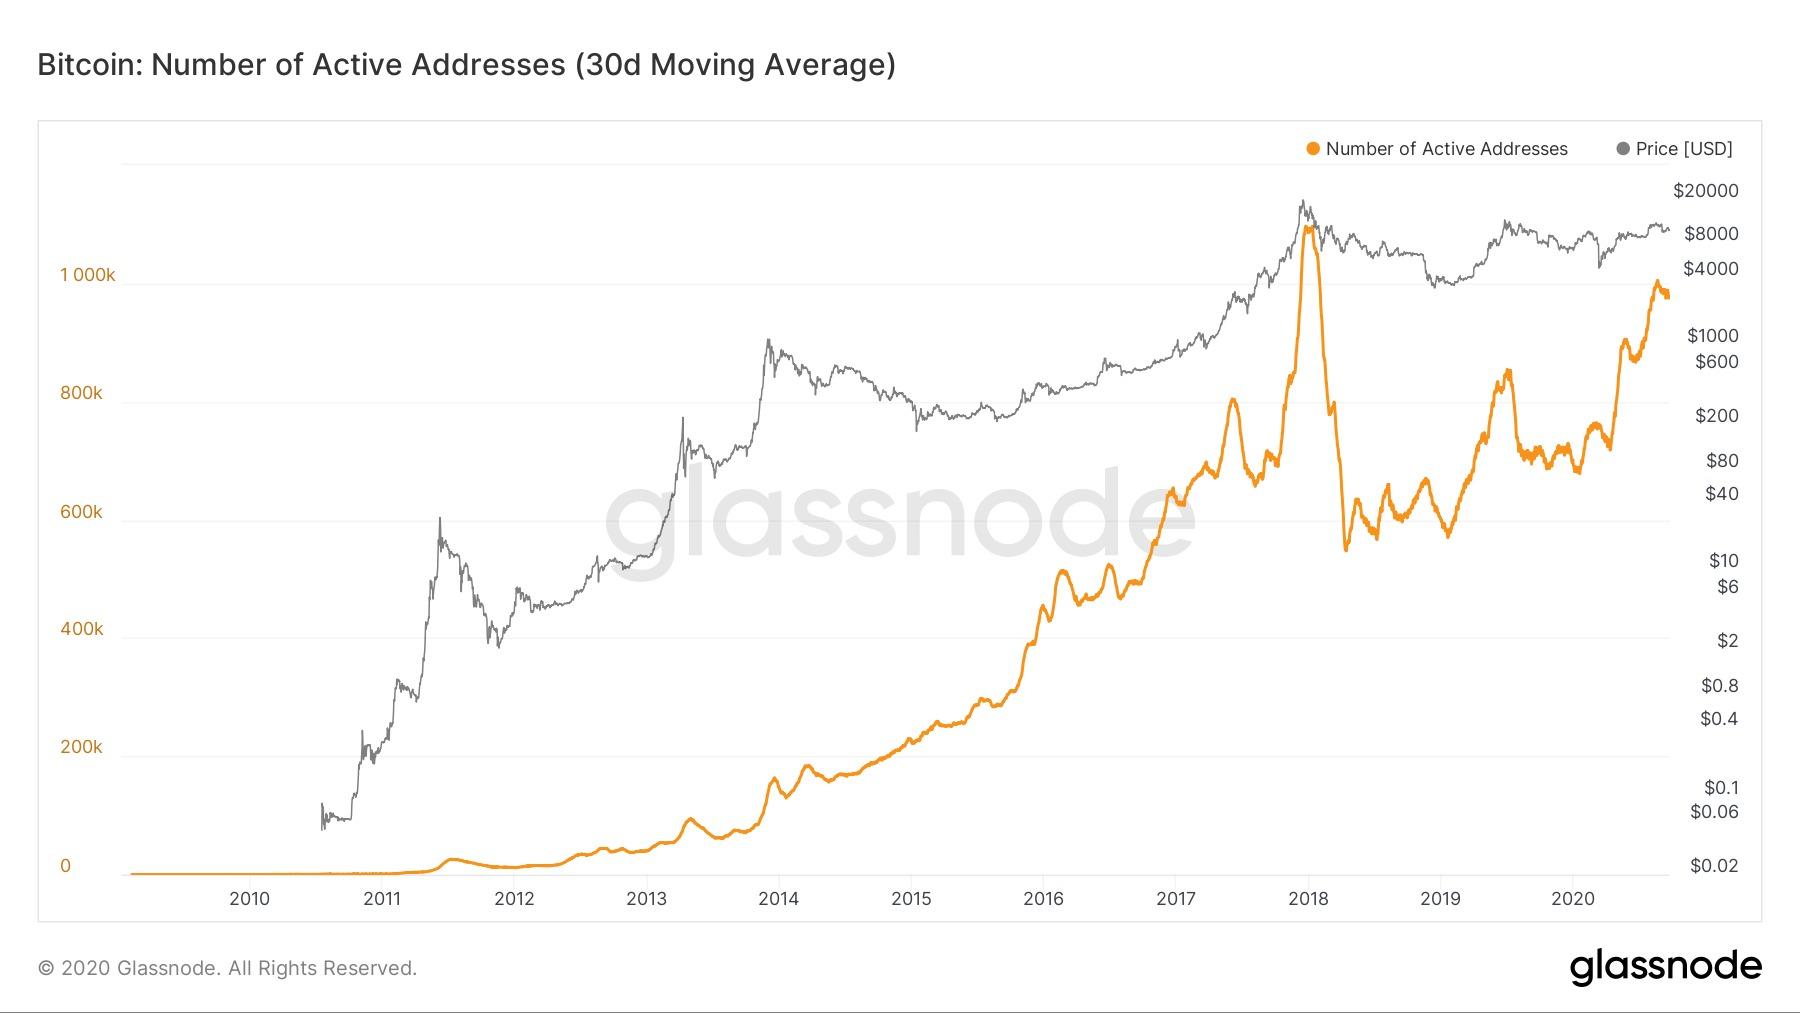 Địa chỉ hoạt động của Bitcoin, mức trung bình trong 30 ngày. Nguồn: Glassnode.